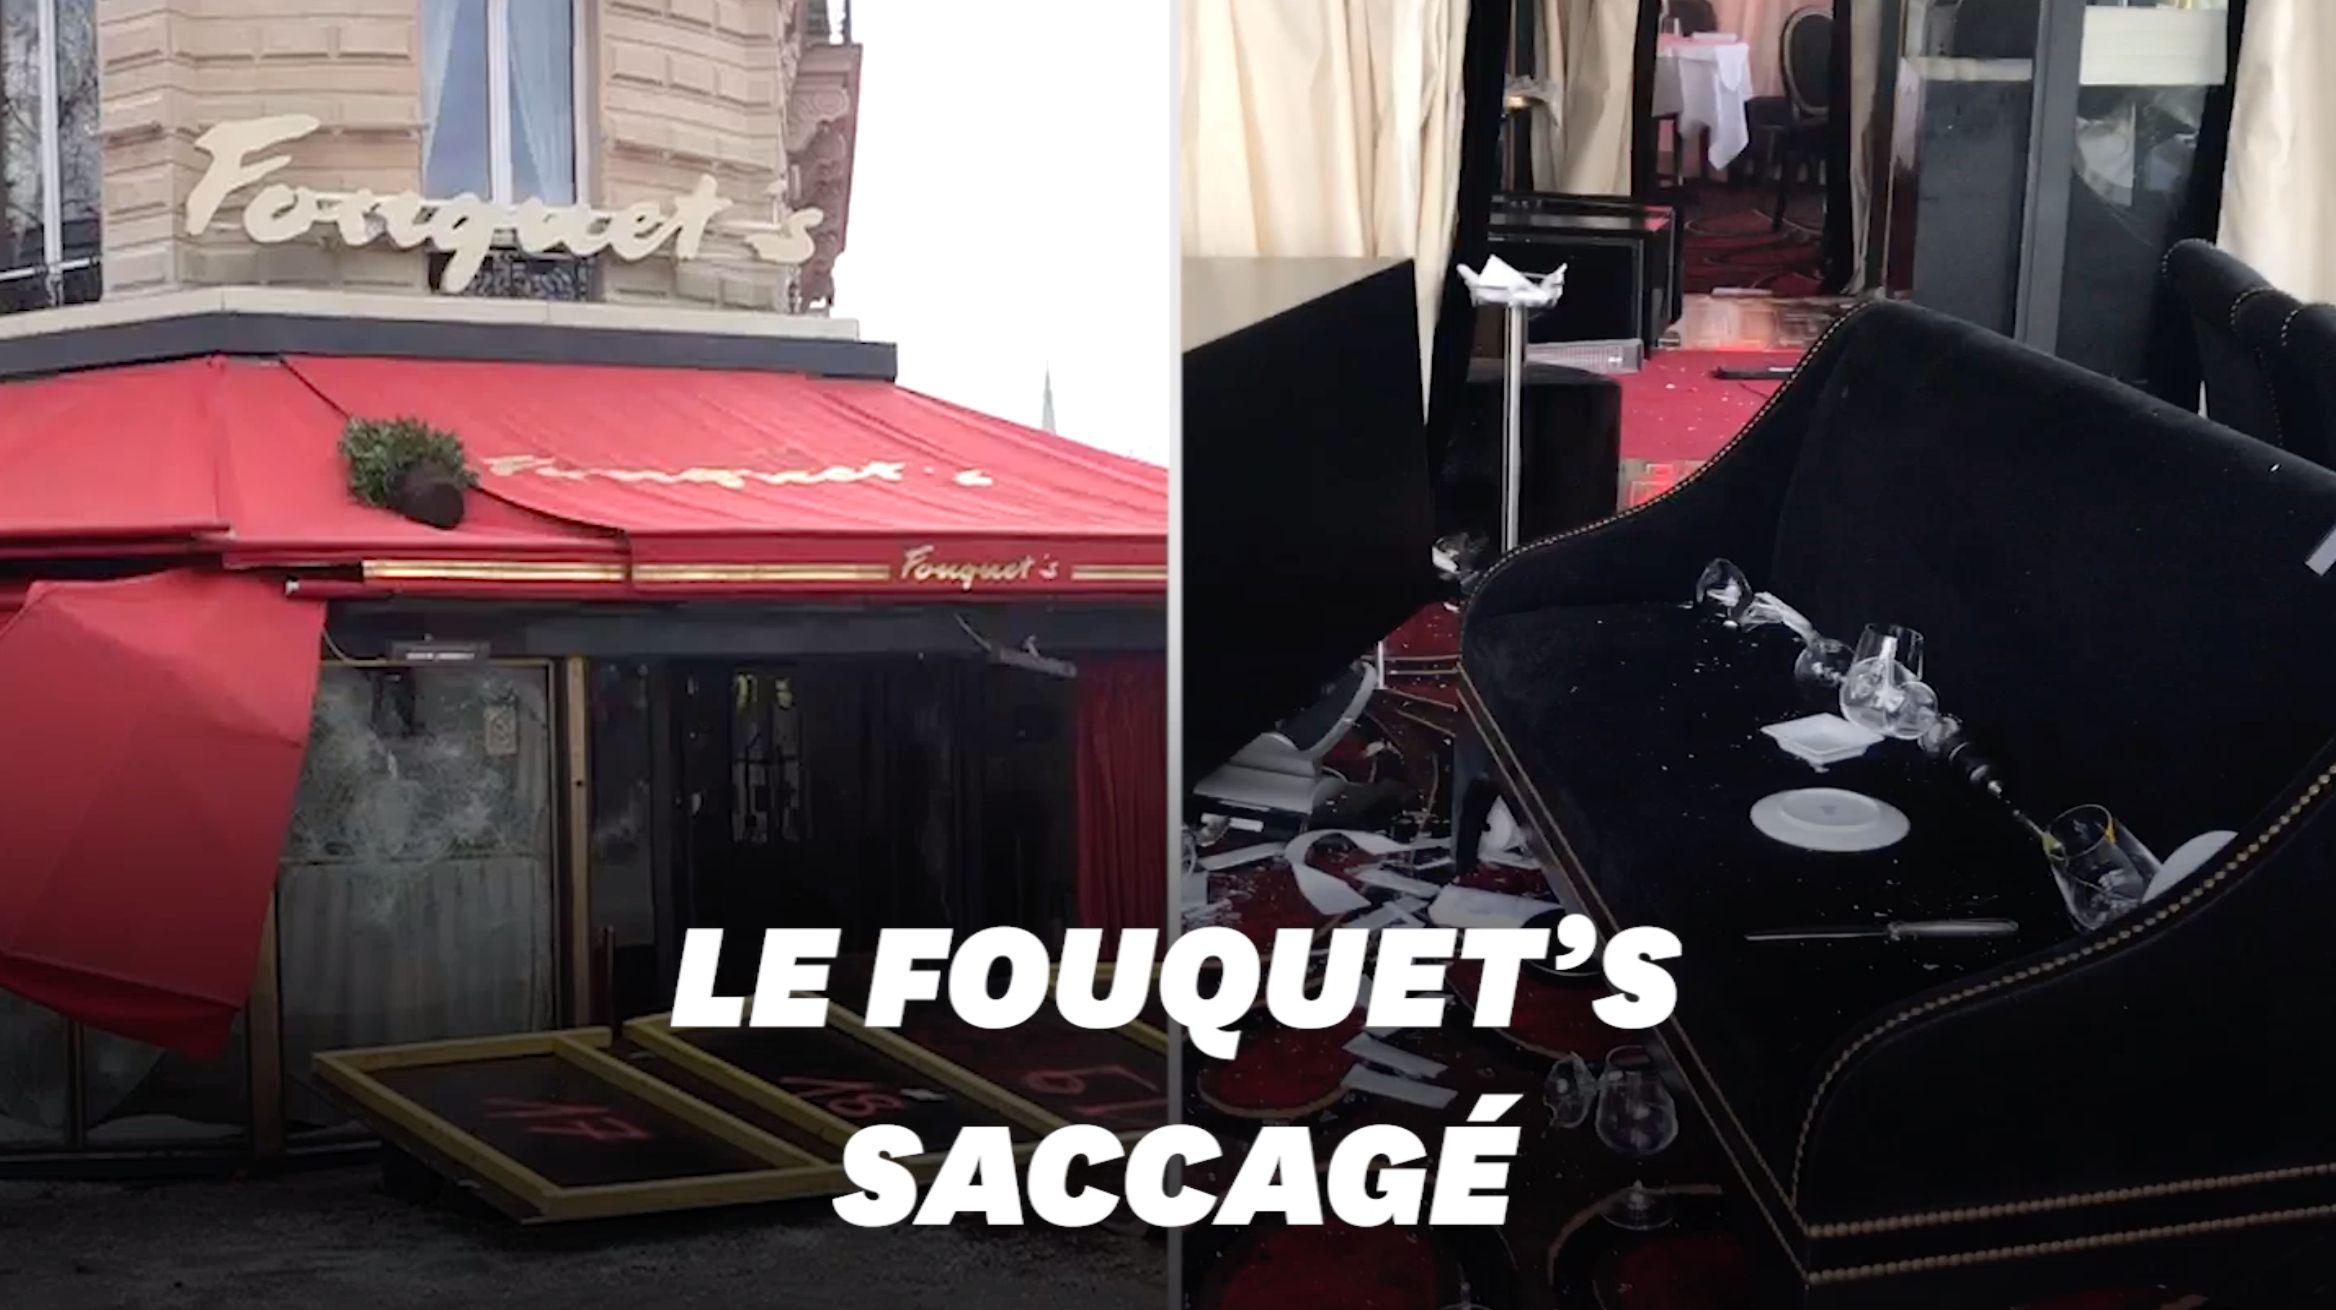 Le Fouquet's vandalisé en marge de l'acte XVIII des gilets jaunes